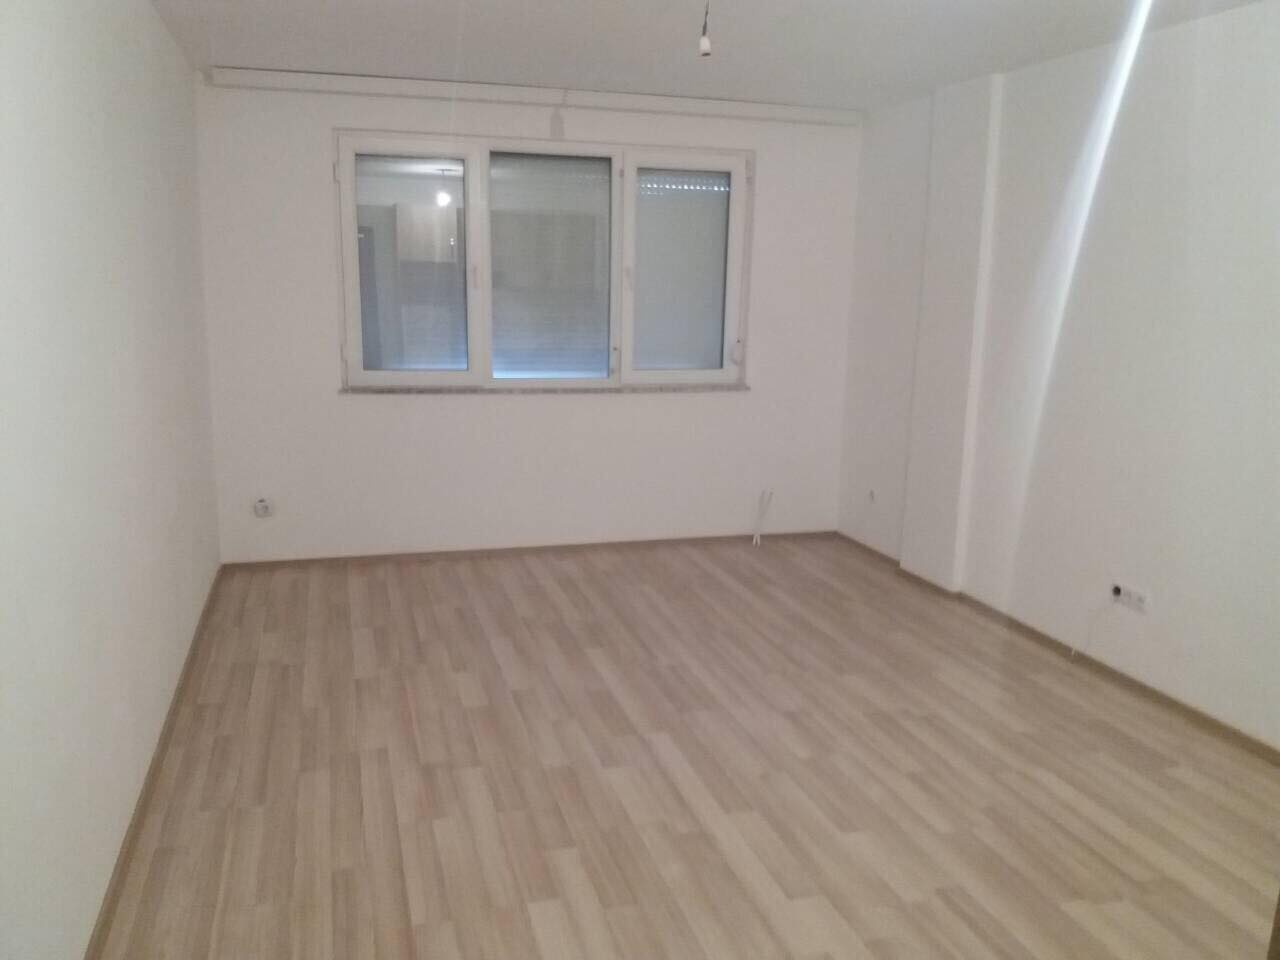 Shitet banesa 1 dhomëshe Garsonjere 32m2 kati 2 Fushë Kosovë